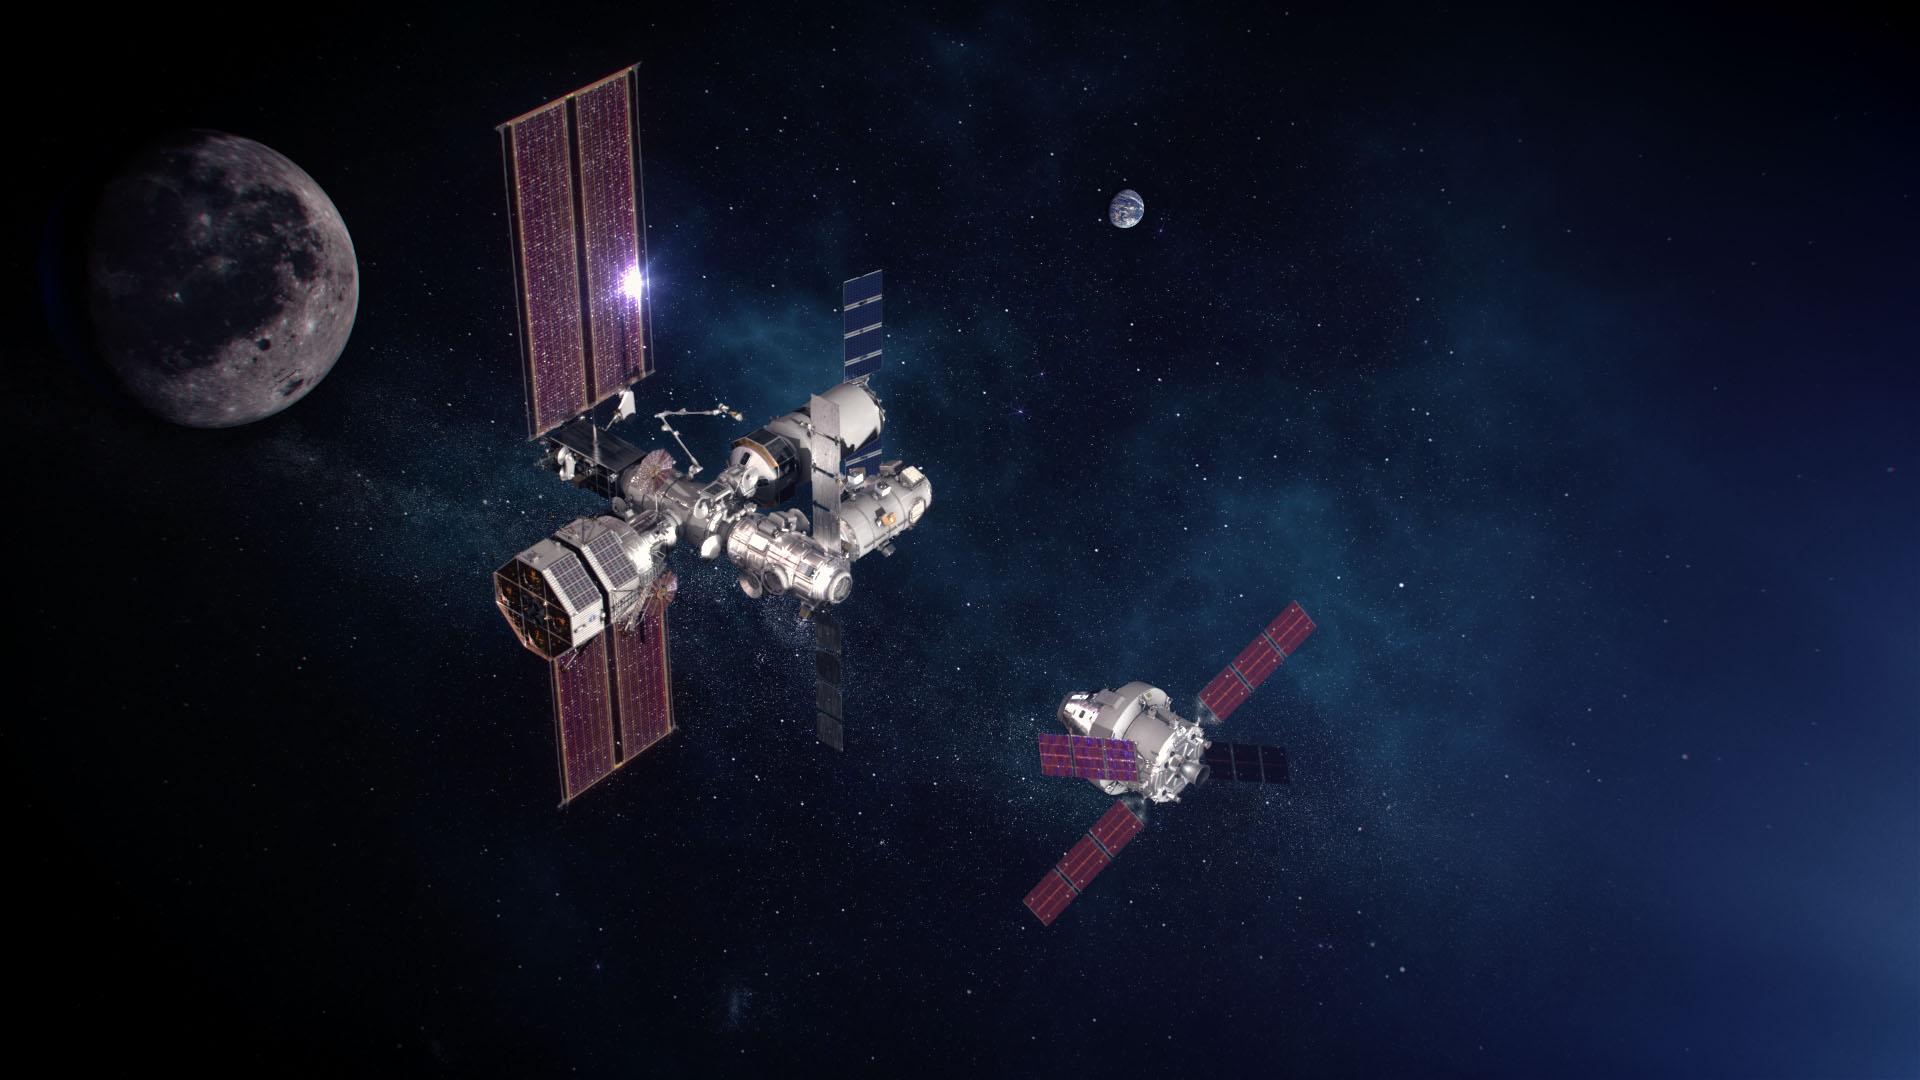 Rusko nechce být součástí lunárního programu Artemis, vadí mu vedení Spojenými státy